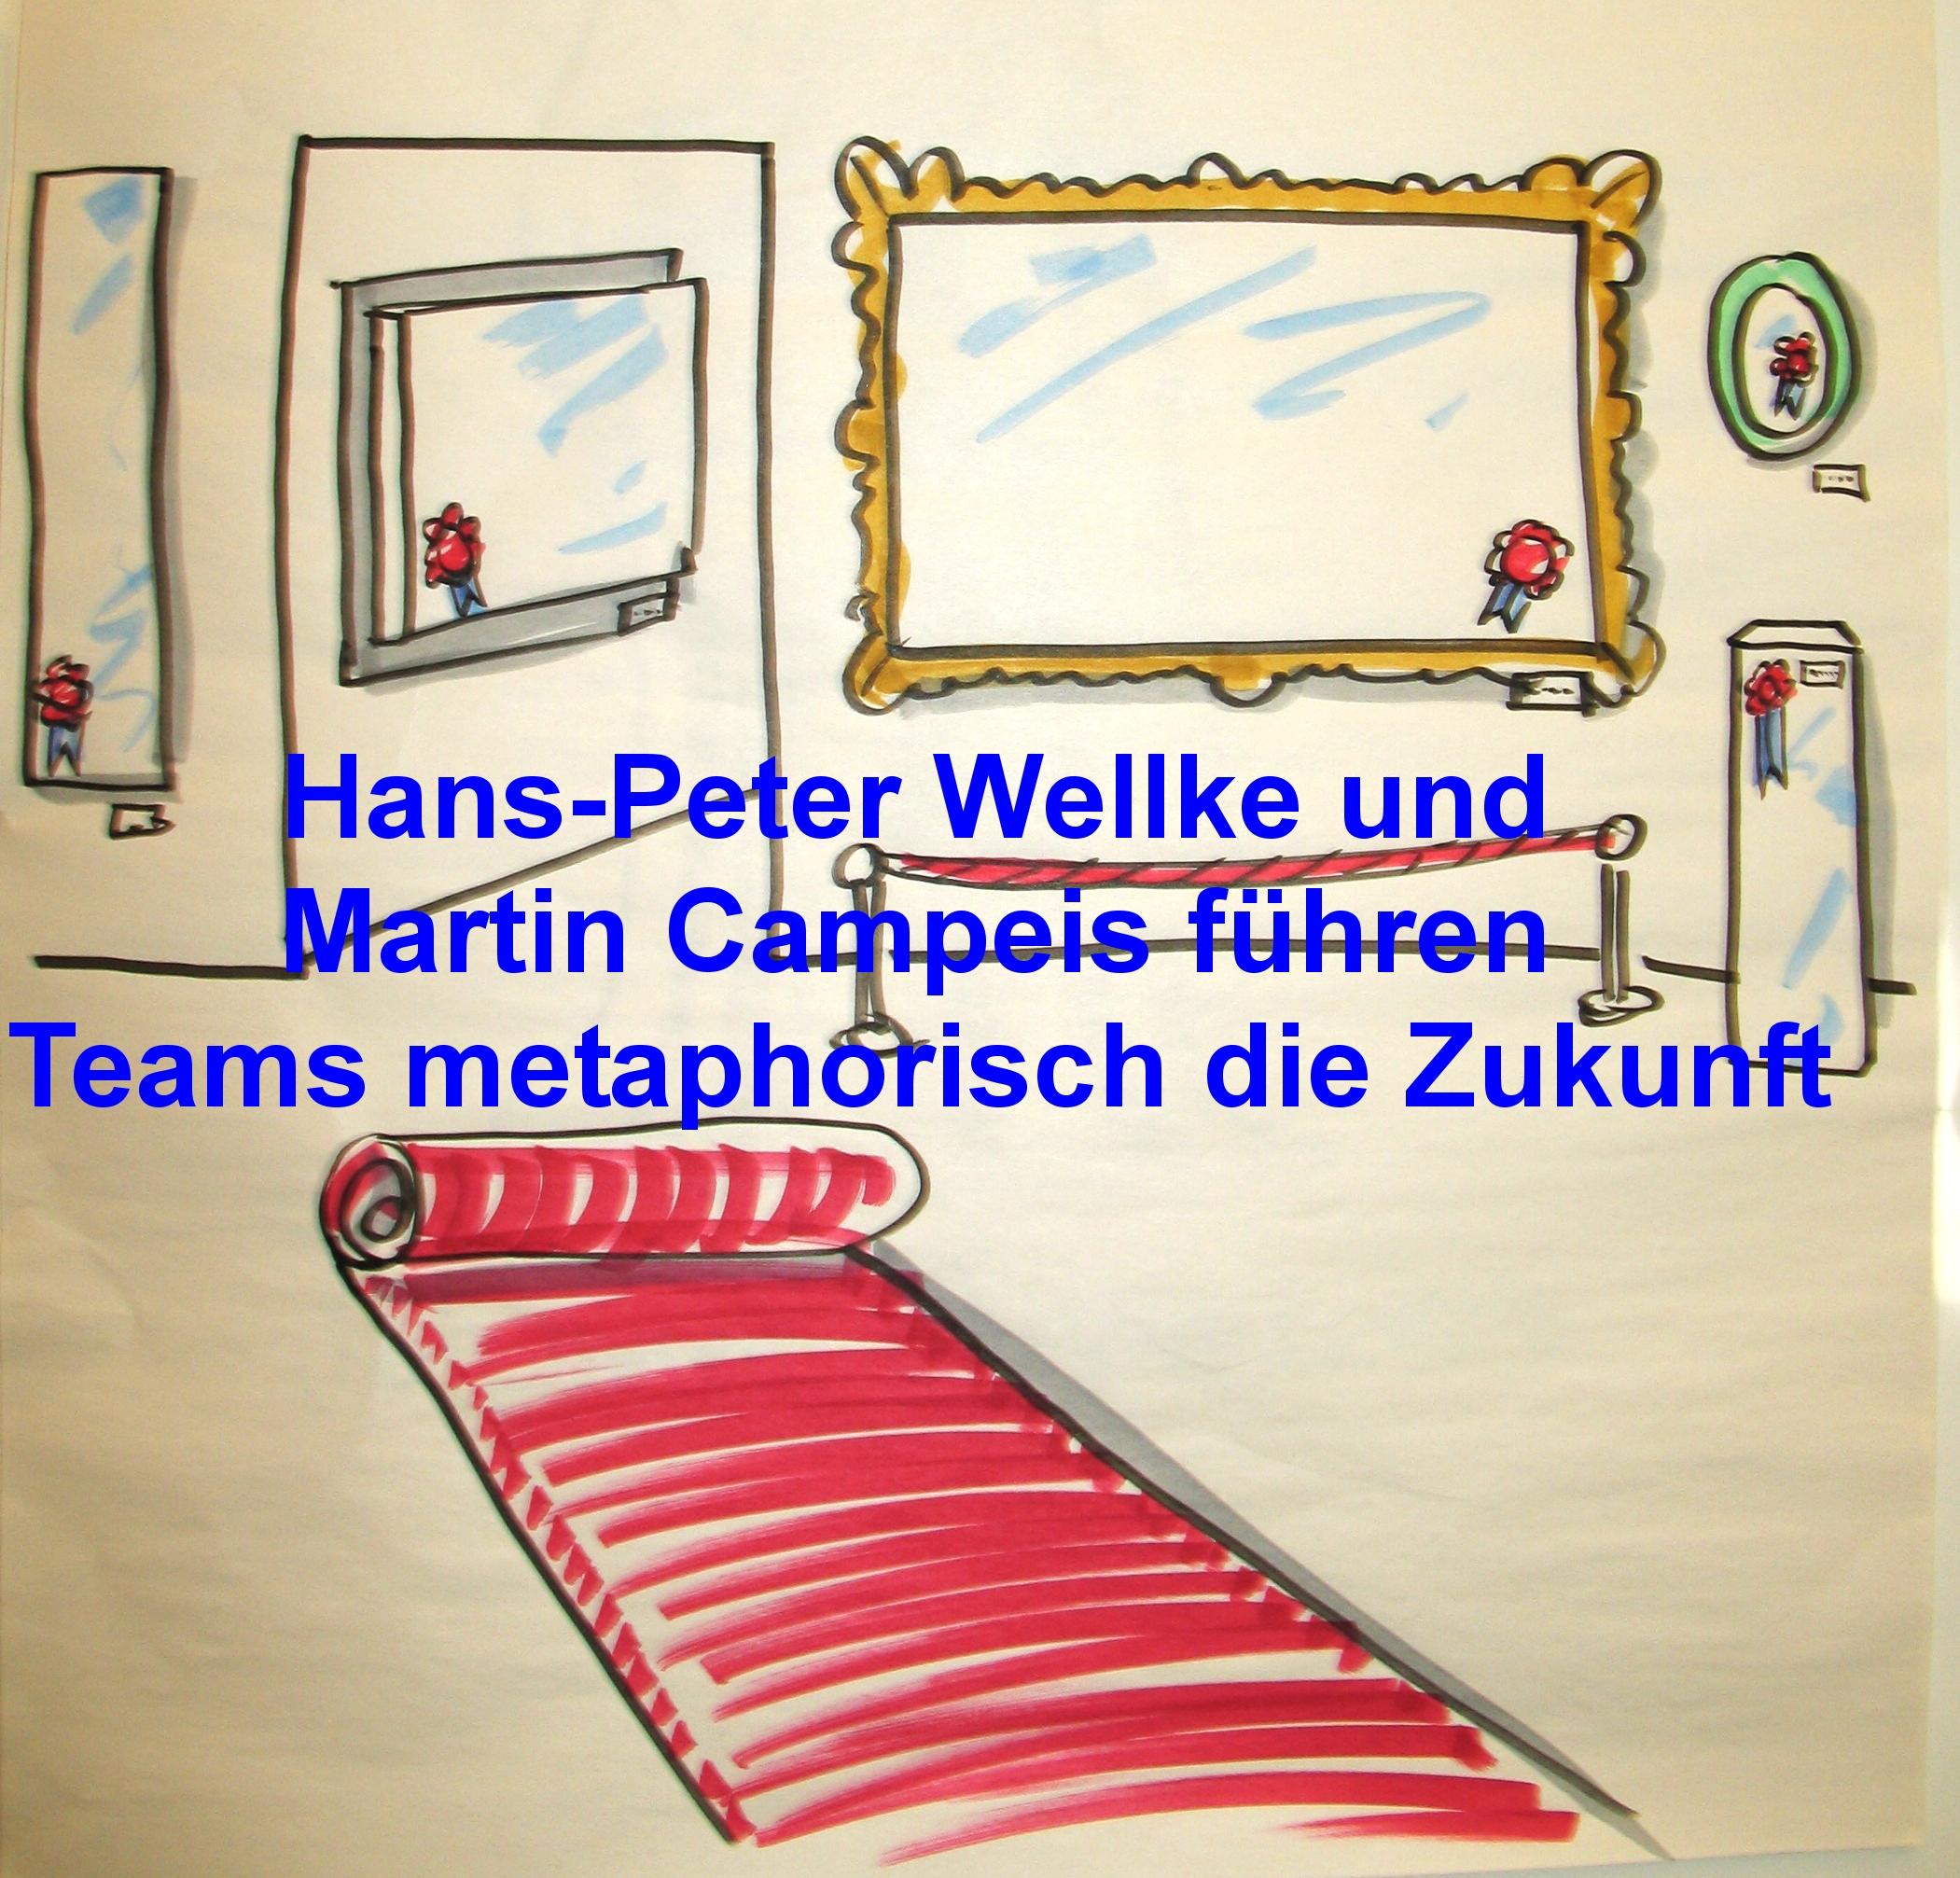 Zukunft visualisieren mit Hans-Peter Wellke und Martin Campeis